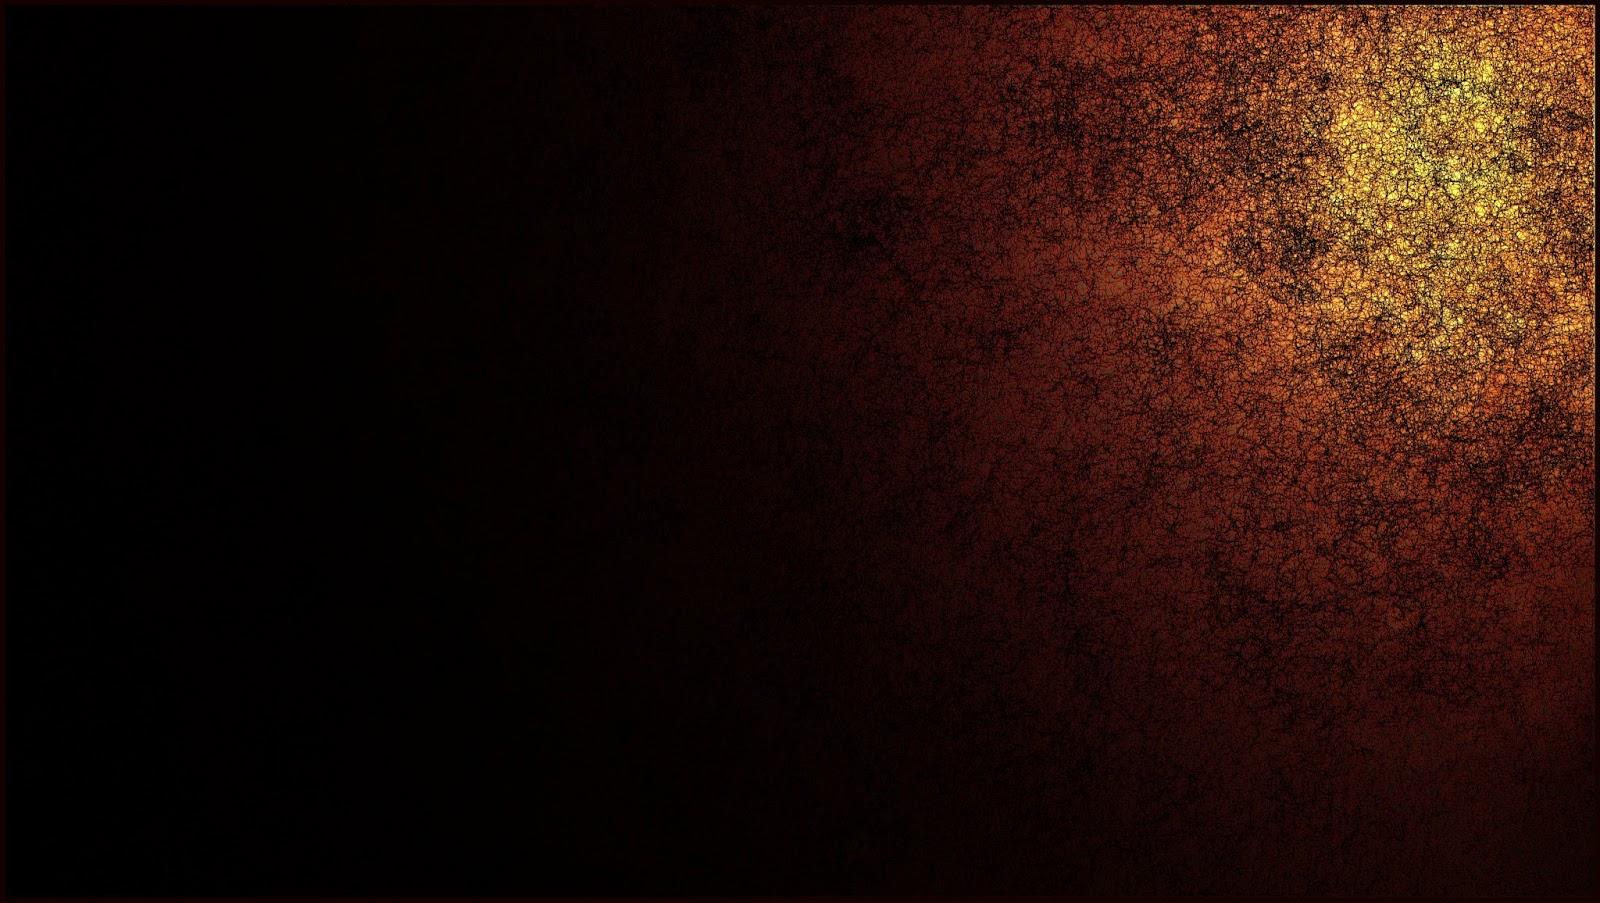 Fondos De Pared: Imagenes Hilandy: Fondo De Pantalla Abstracto Pared Llena